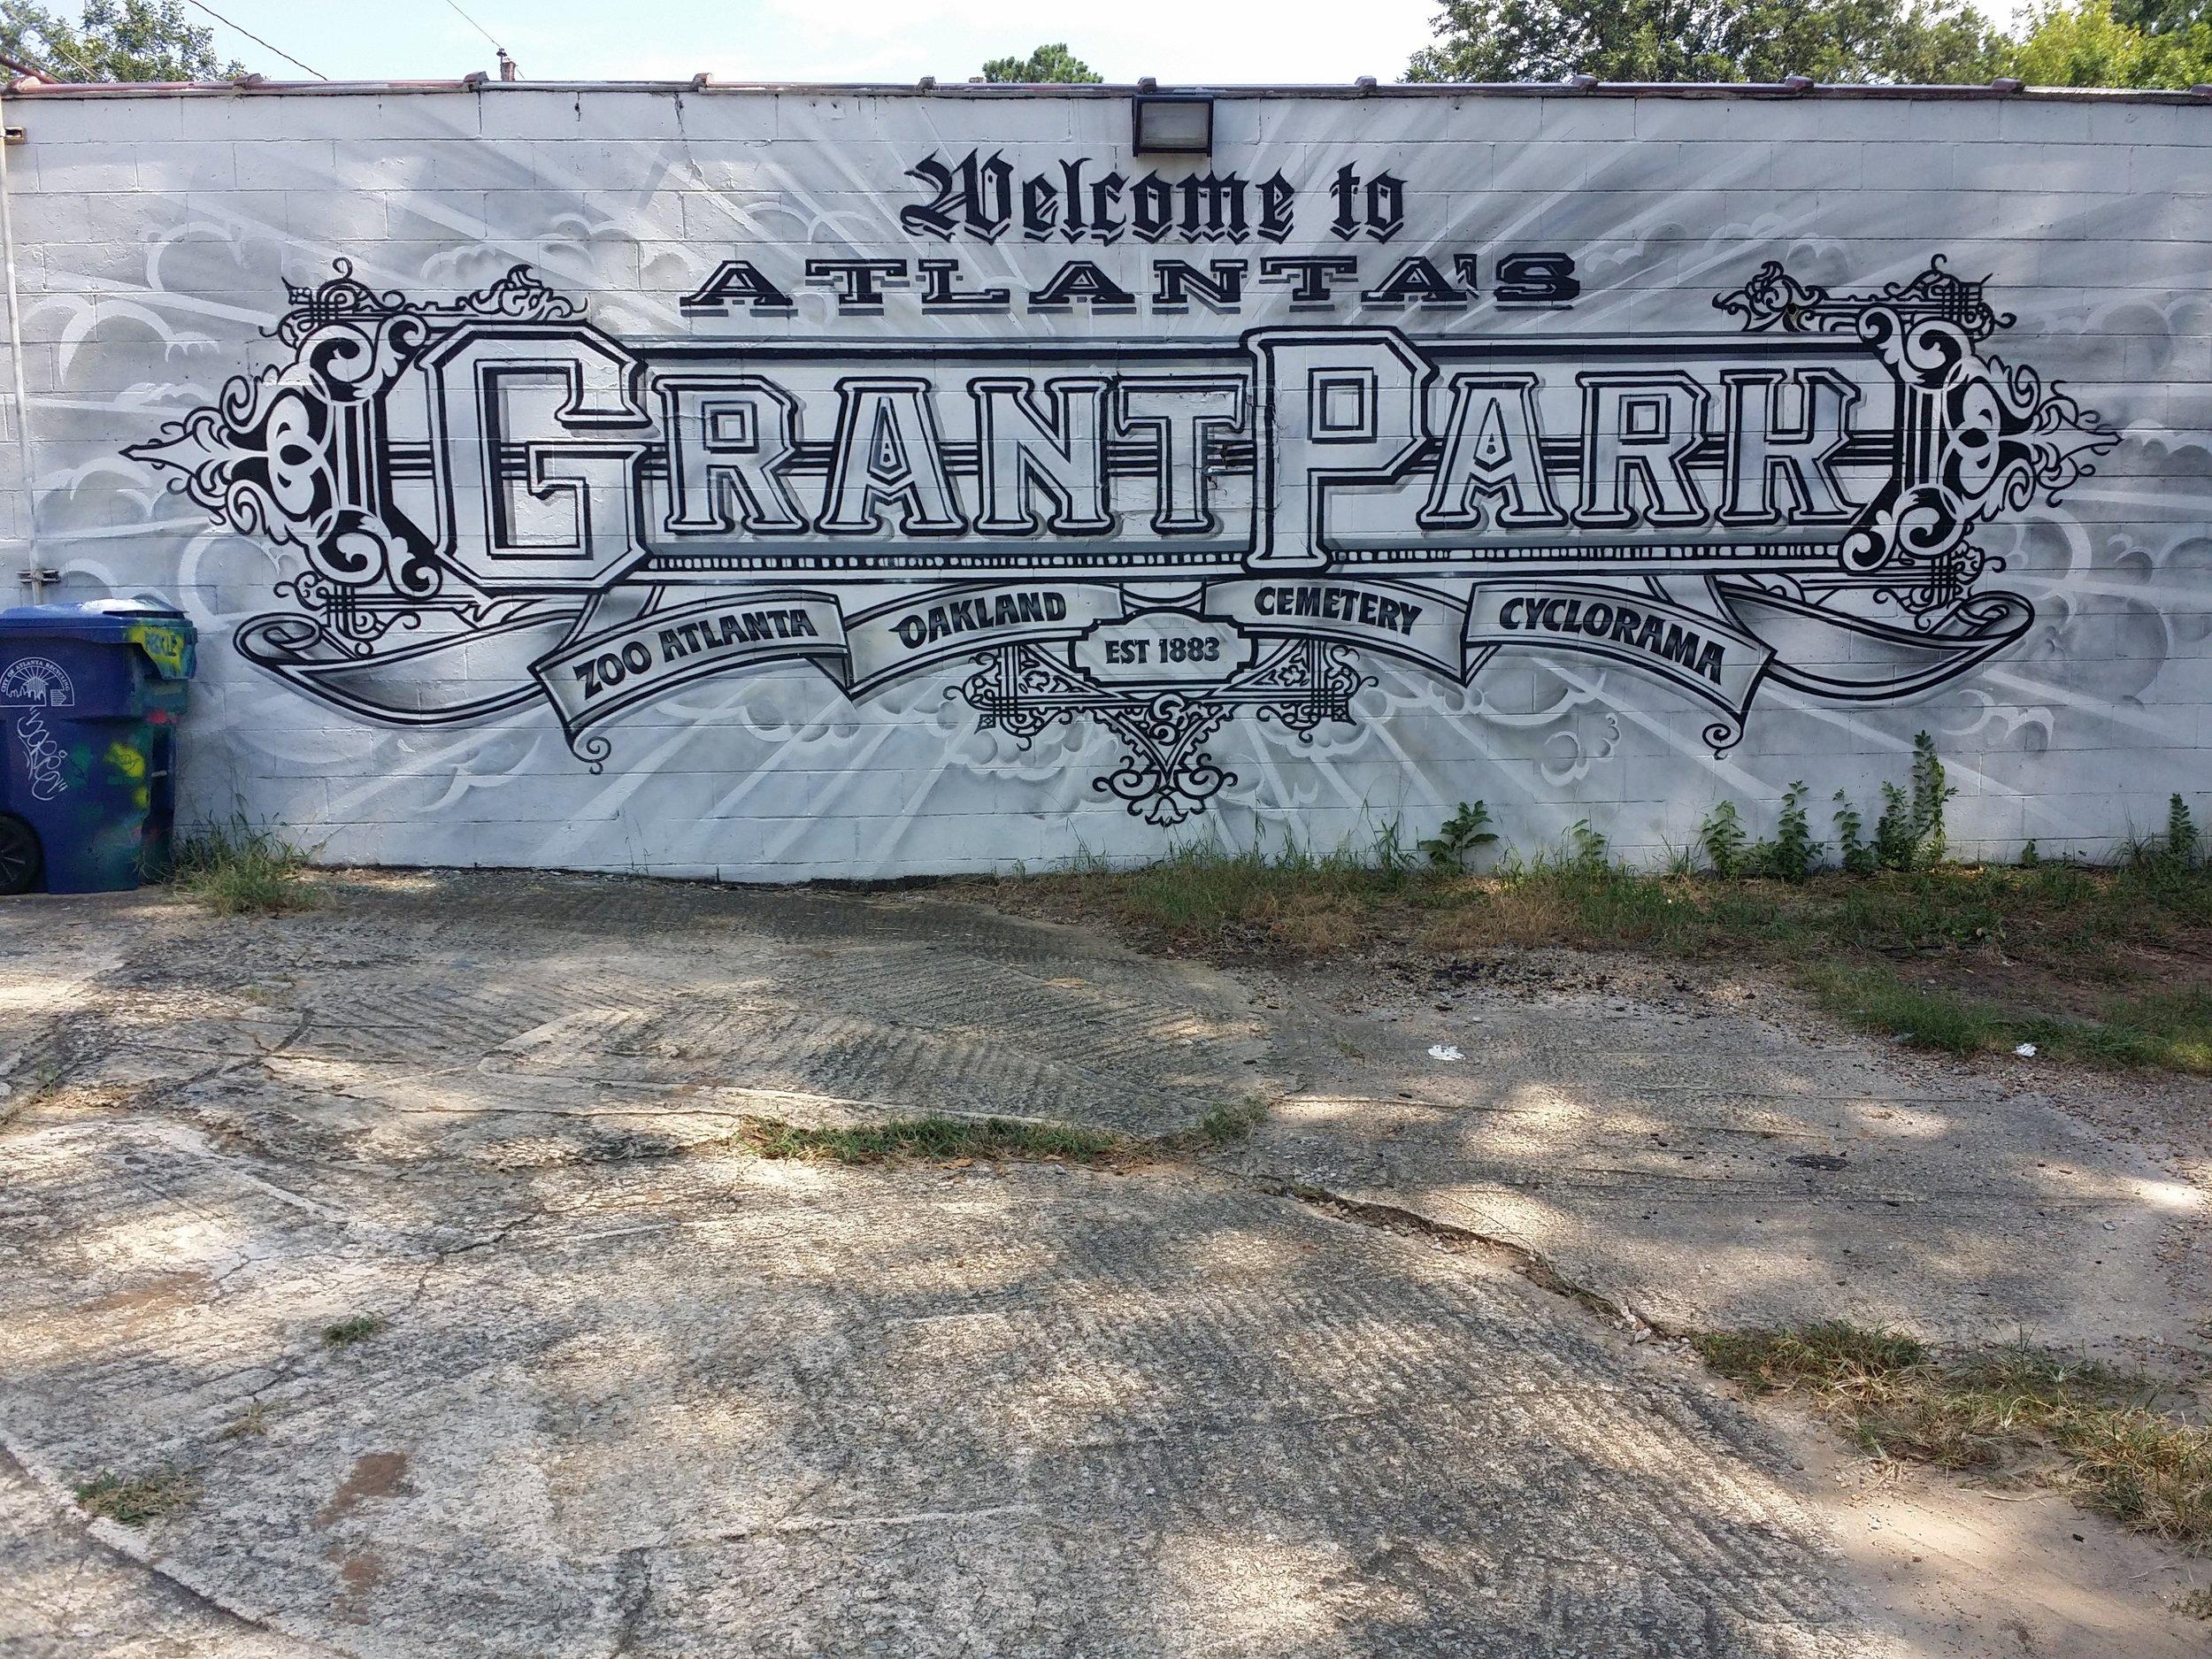 Grant Park Graffiti.jpg